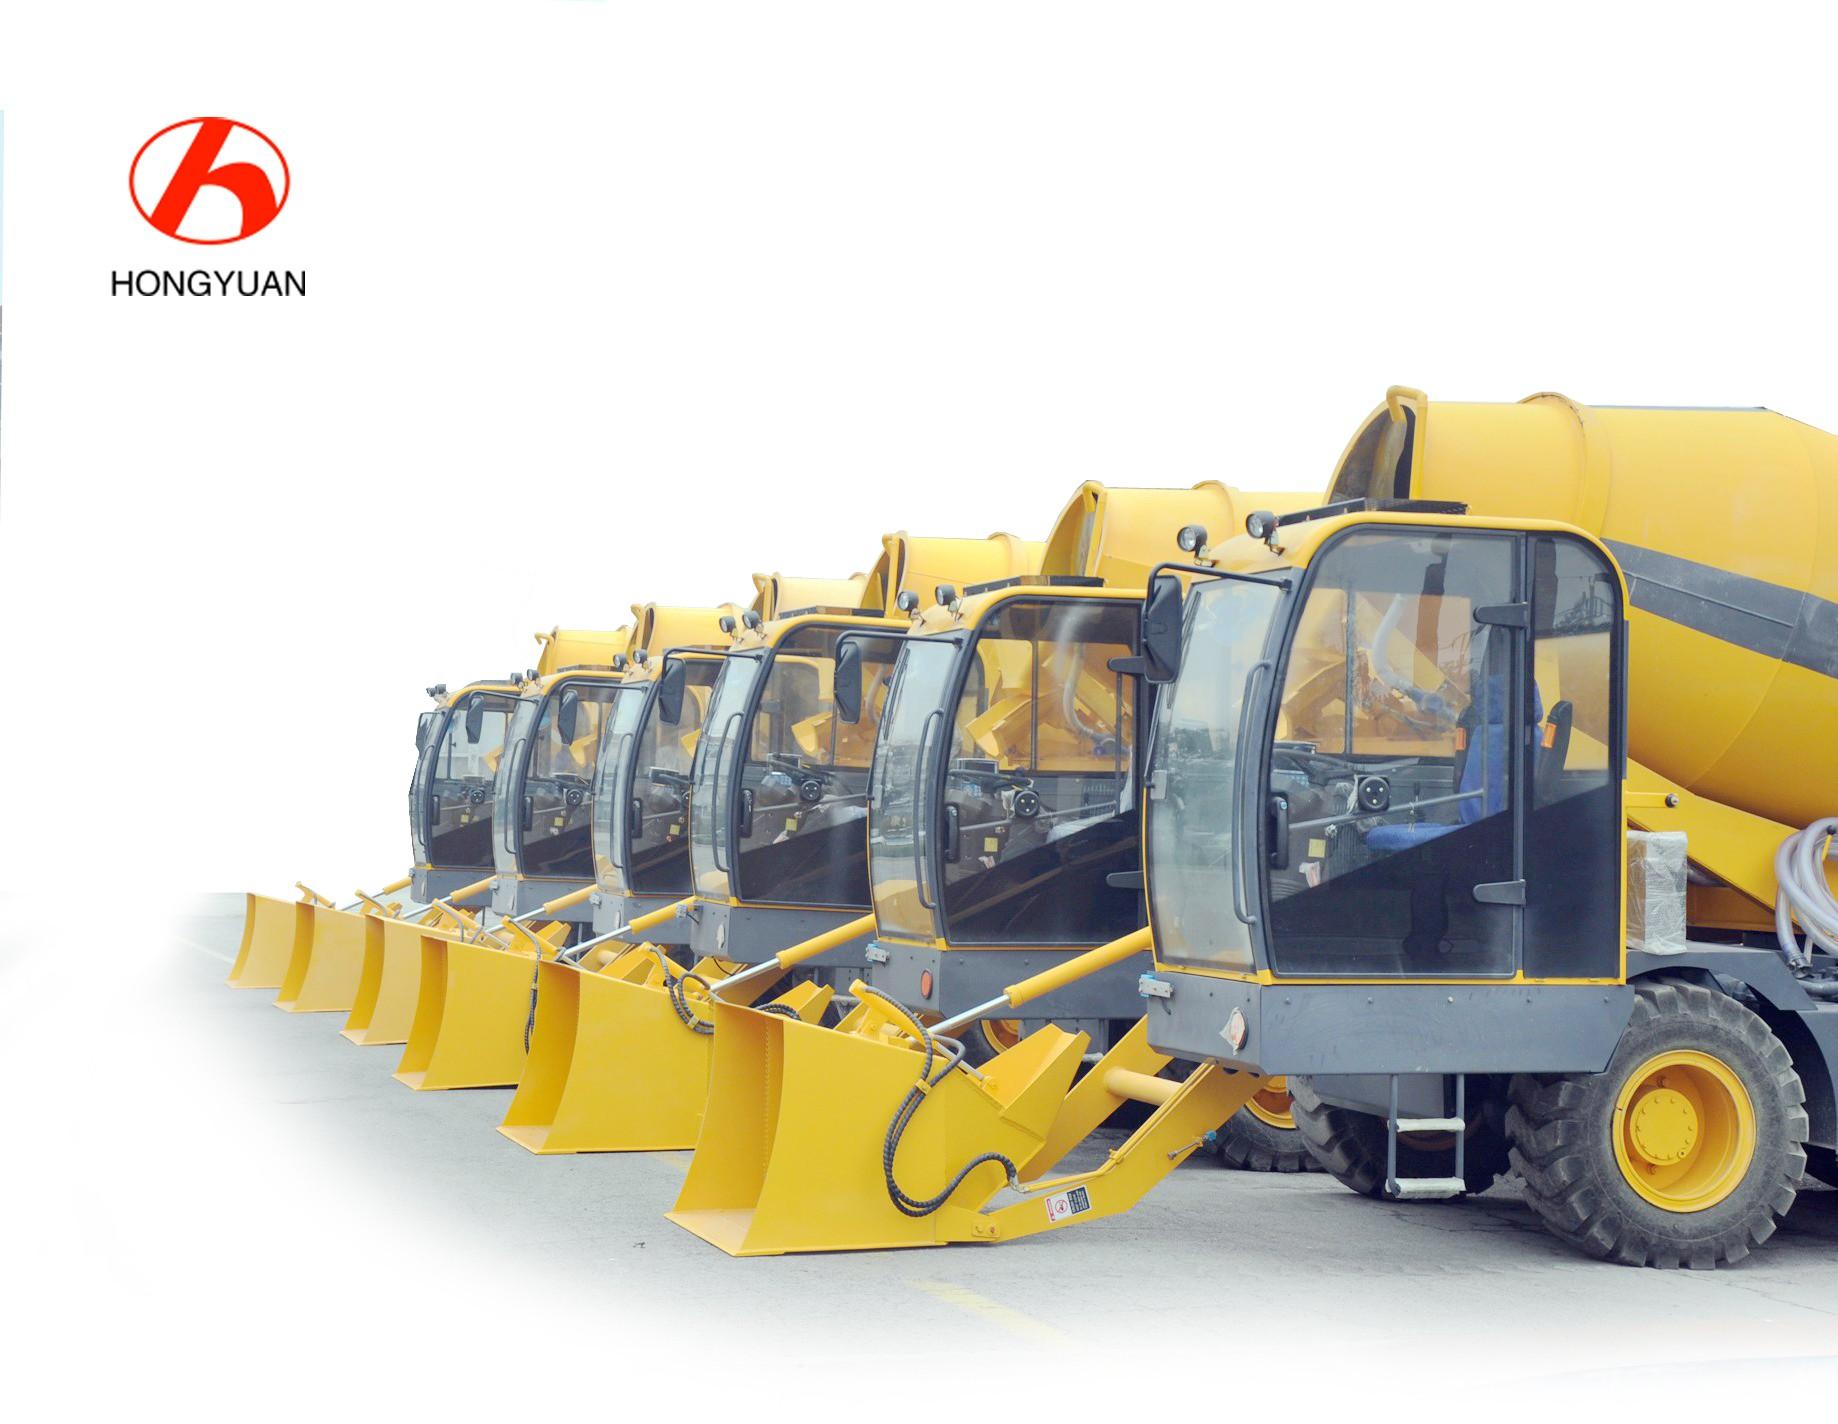 Sales Self Loading Transit Mixer Manufacturer, Buy Self Loading Transit Mixer Manufacturer, Self Loading Transit Mixer Manufacturer Factory, Self Loading Transit Mixer Manufacturer Brands